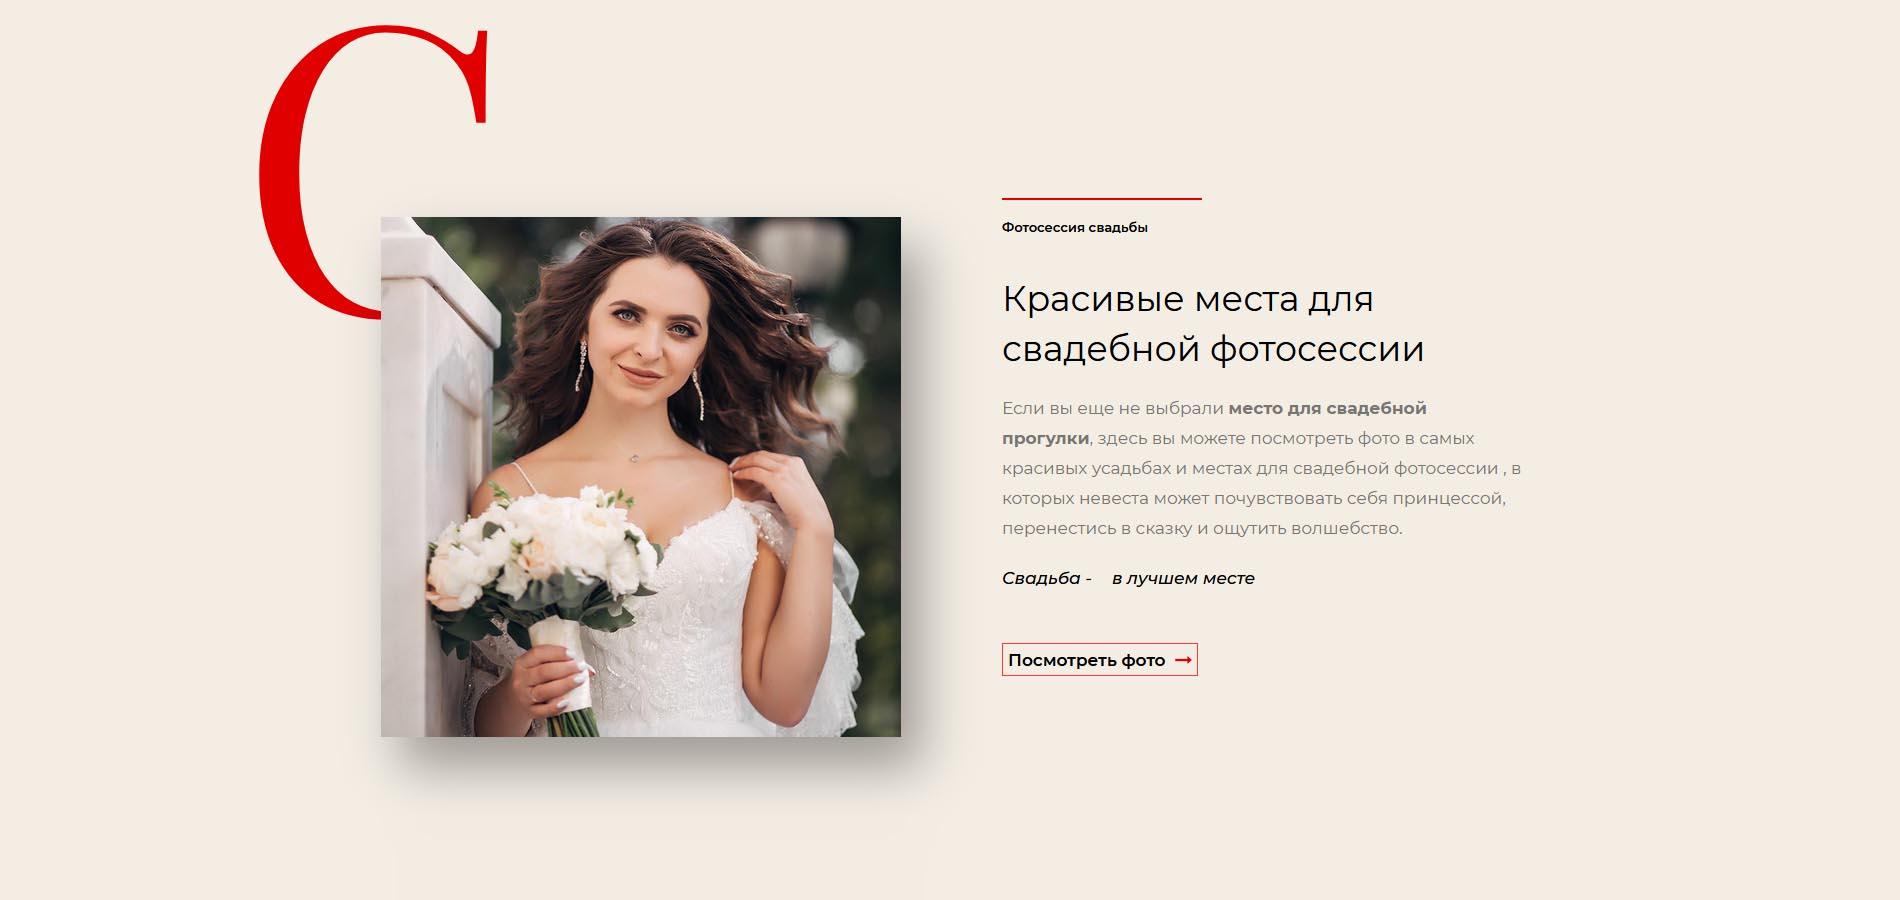 красивые места для свадебной фотосессии